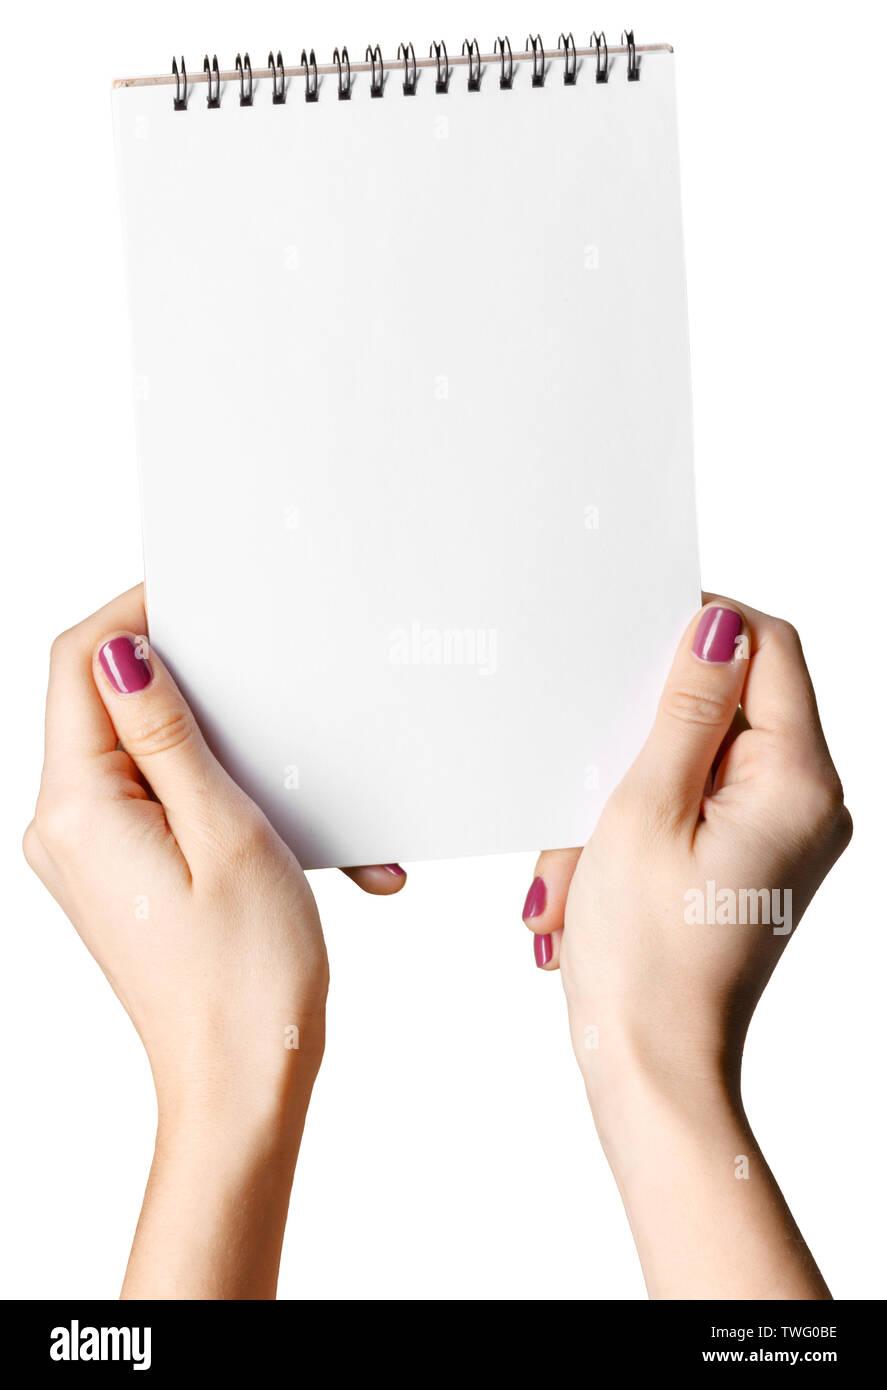 blank notepad isolated on white background - Stock Image